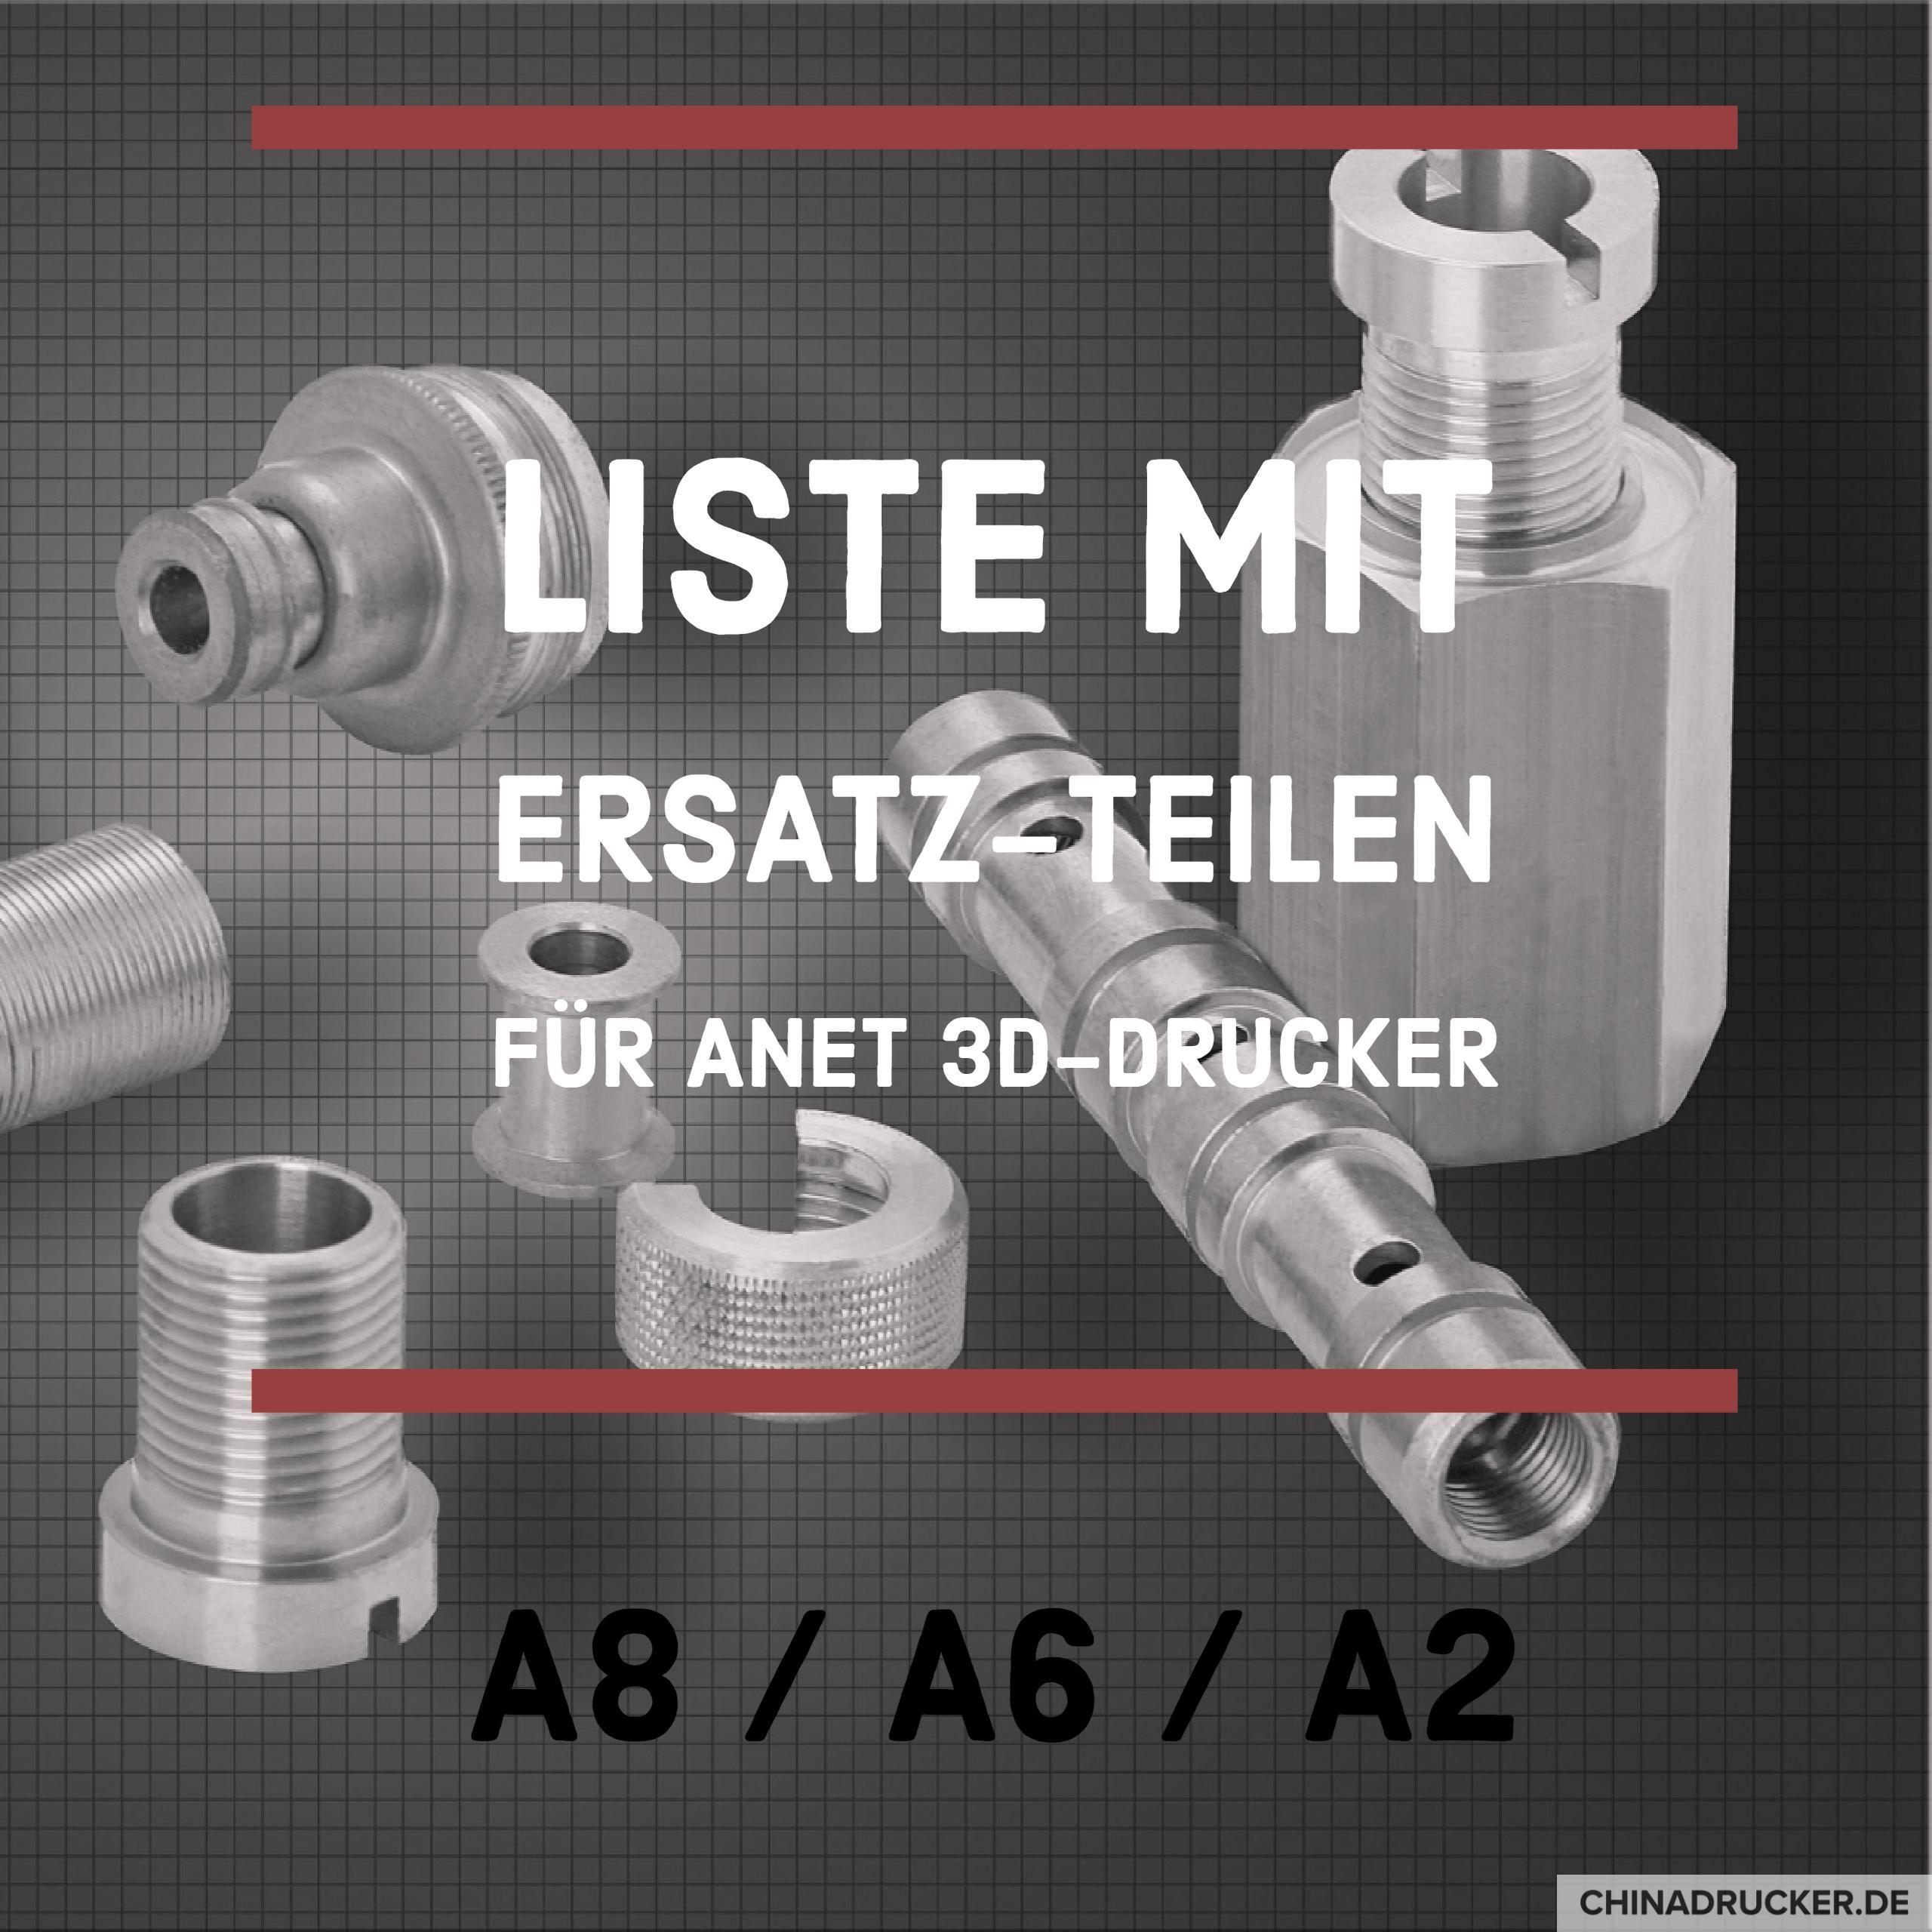 Liste Der 3d Drucker Ersatzteile Anet A8 A6 A2 3d Drucker